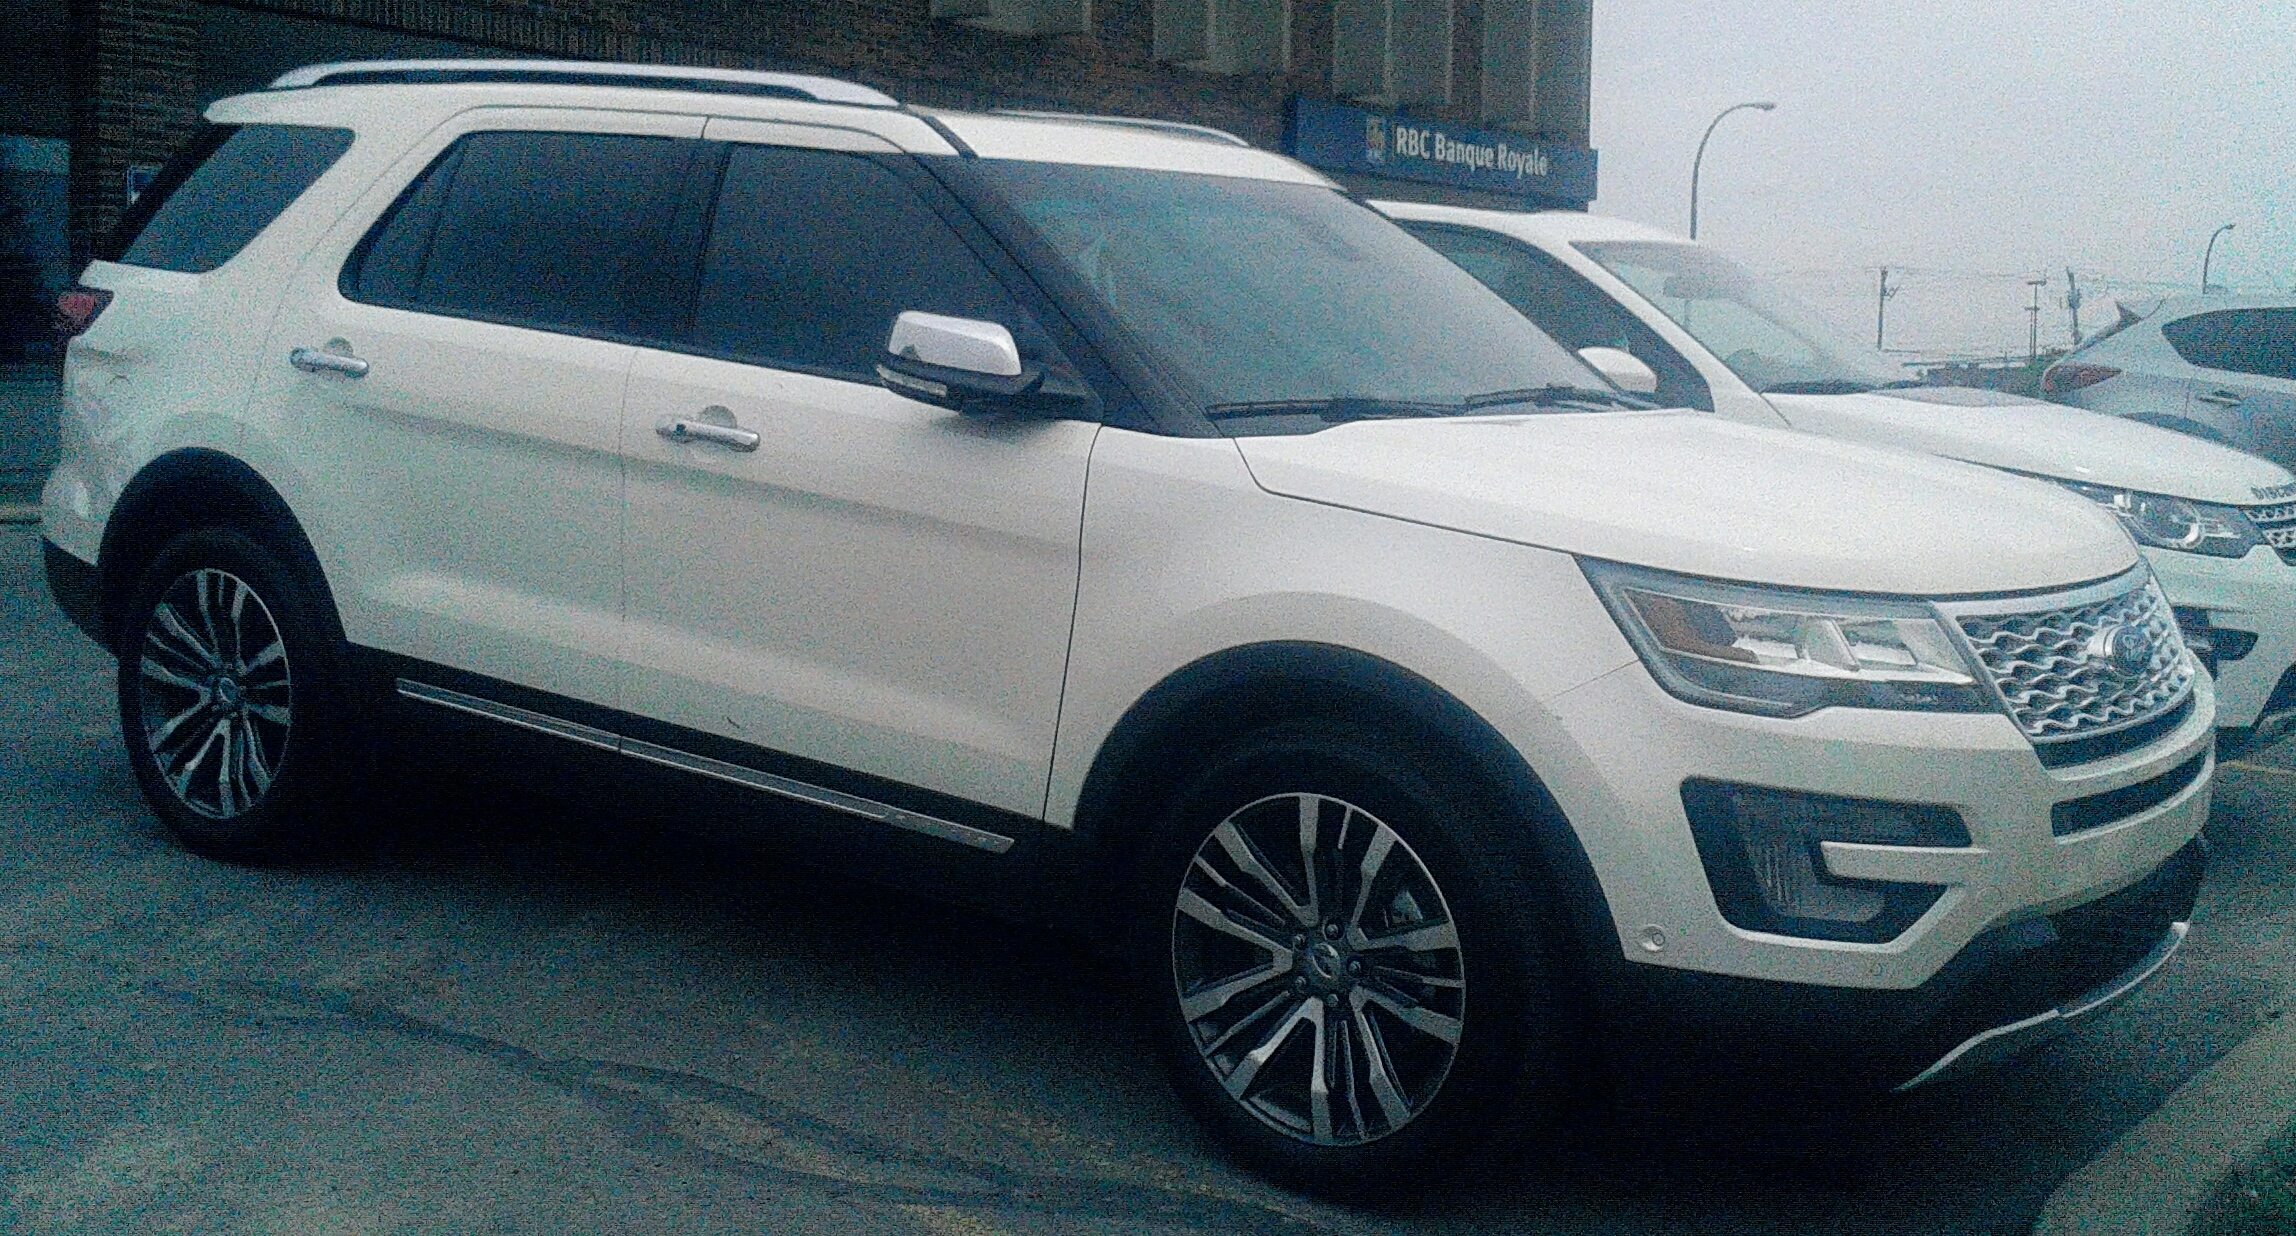 denali platinum explorer gmc comparison ford interior acadia vs